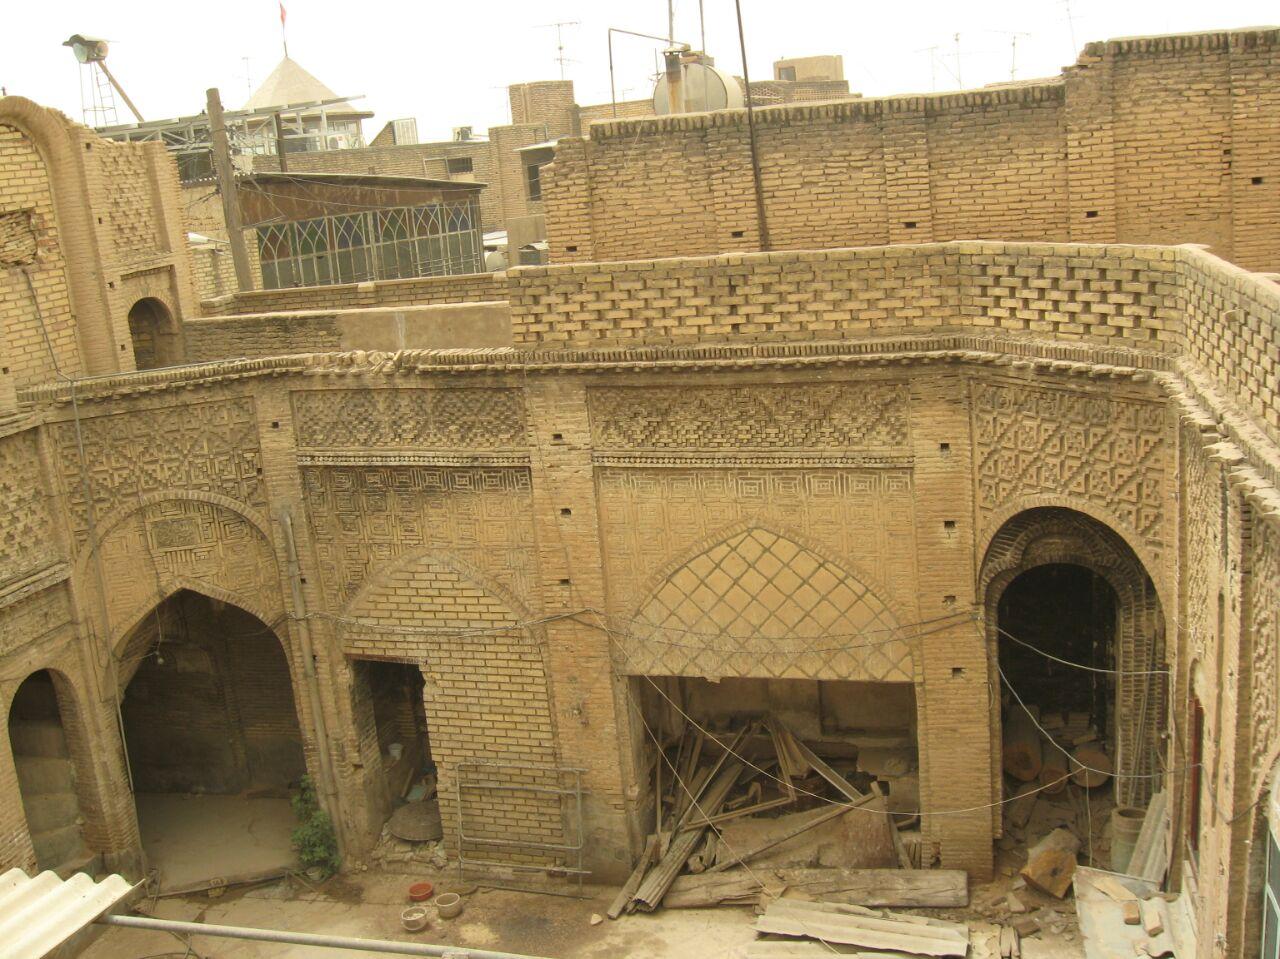 خانه تاریخی ضیایی دزفول، ویرانه ای باشکوه در انتظار جان دوباره